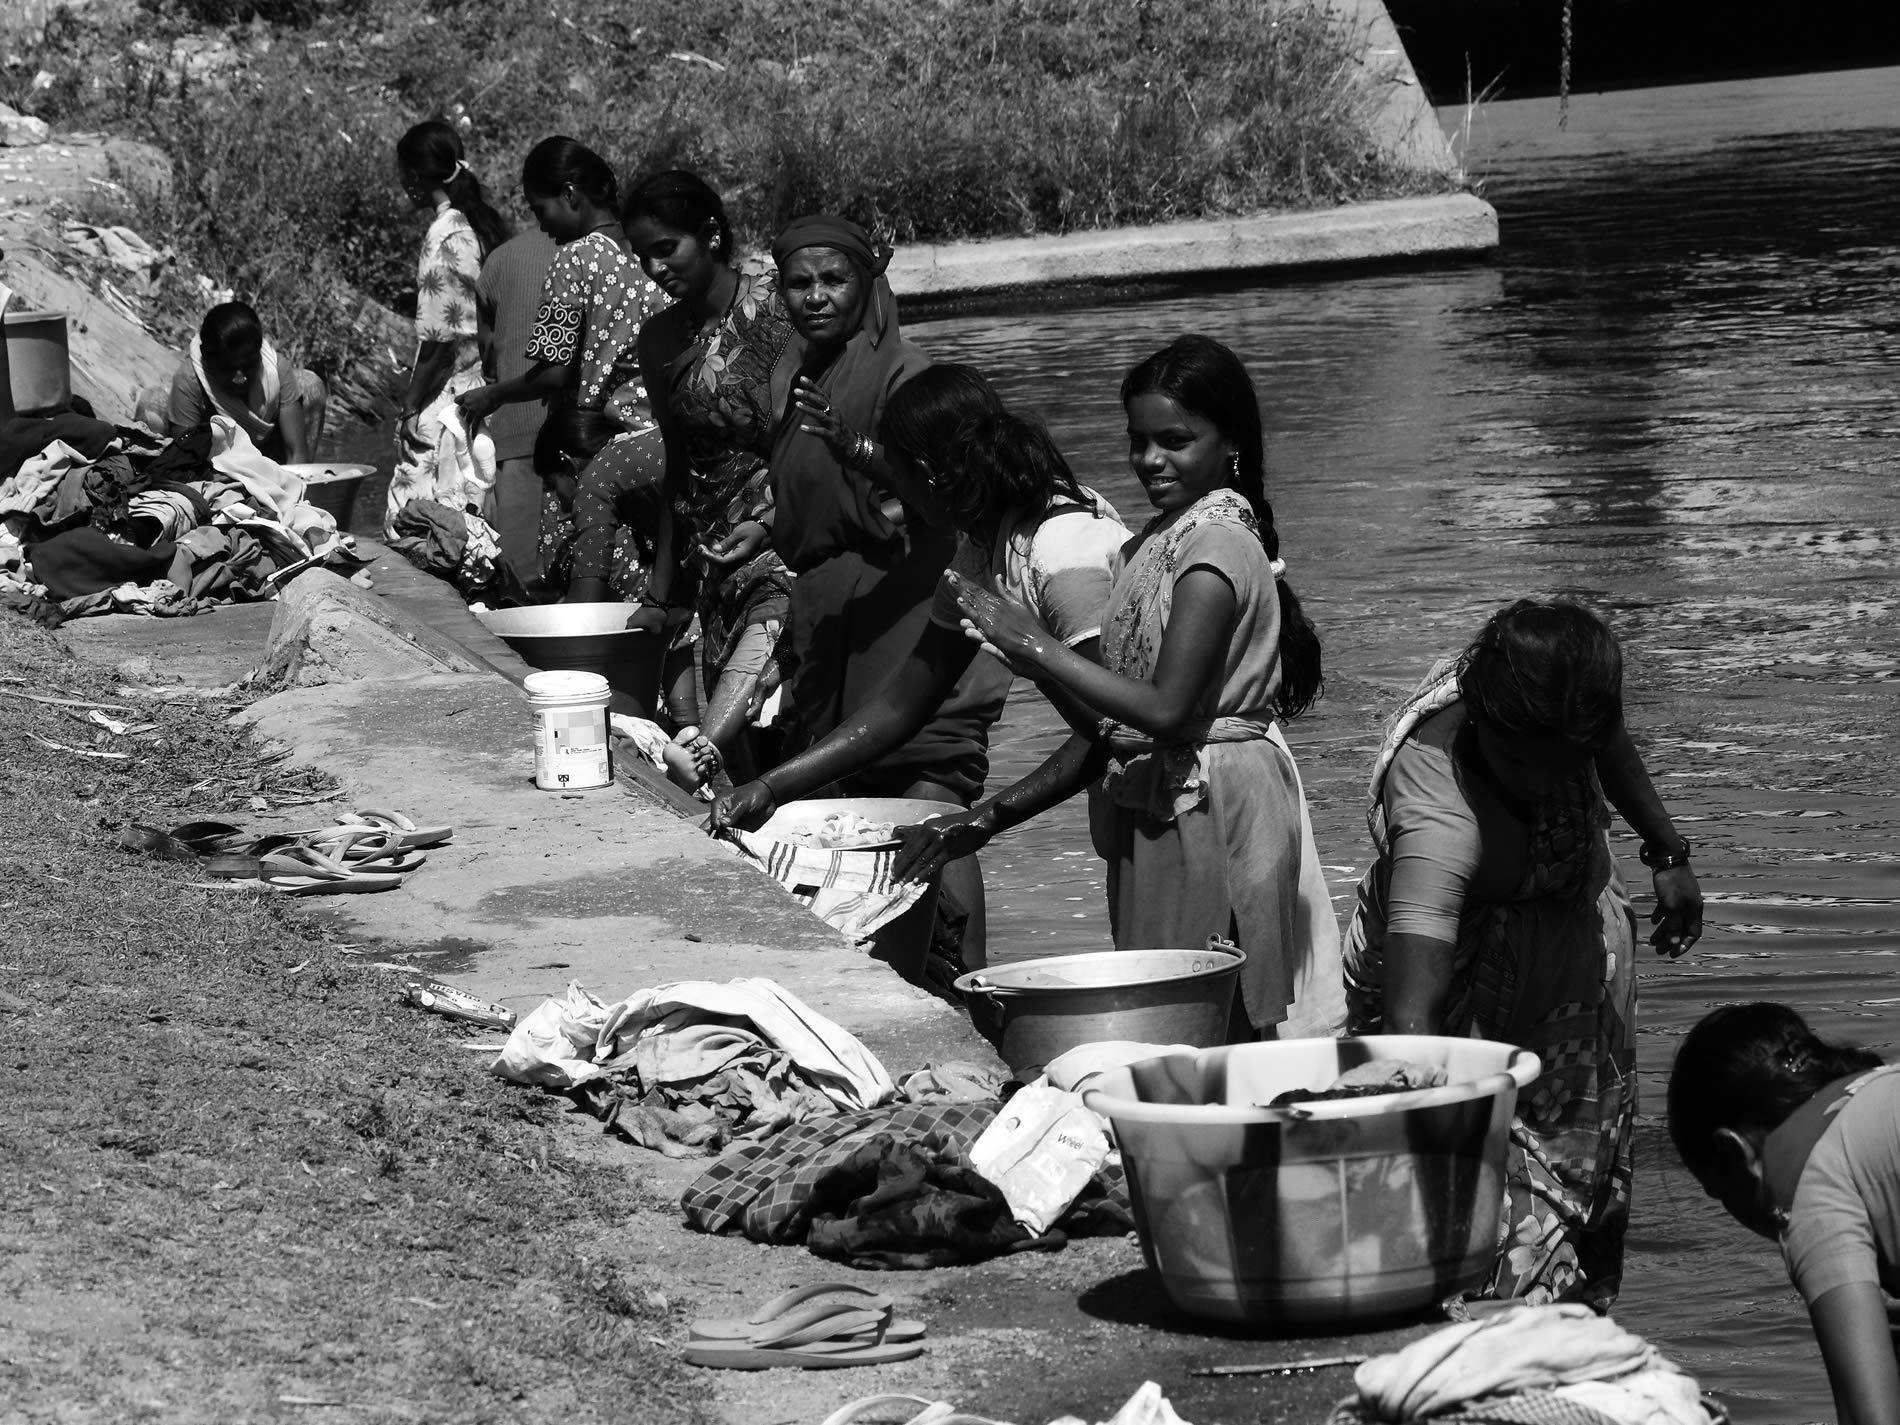 Mujeres en el río en India